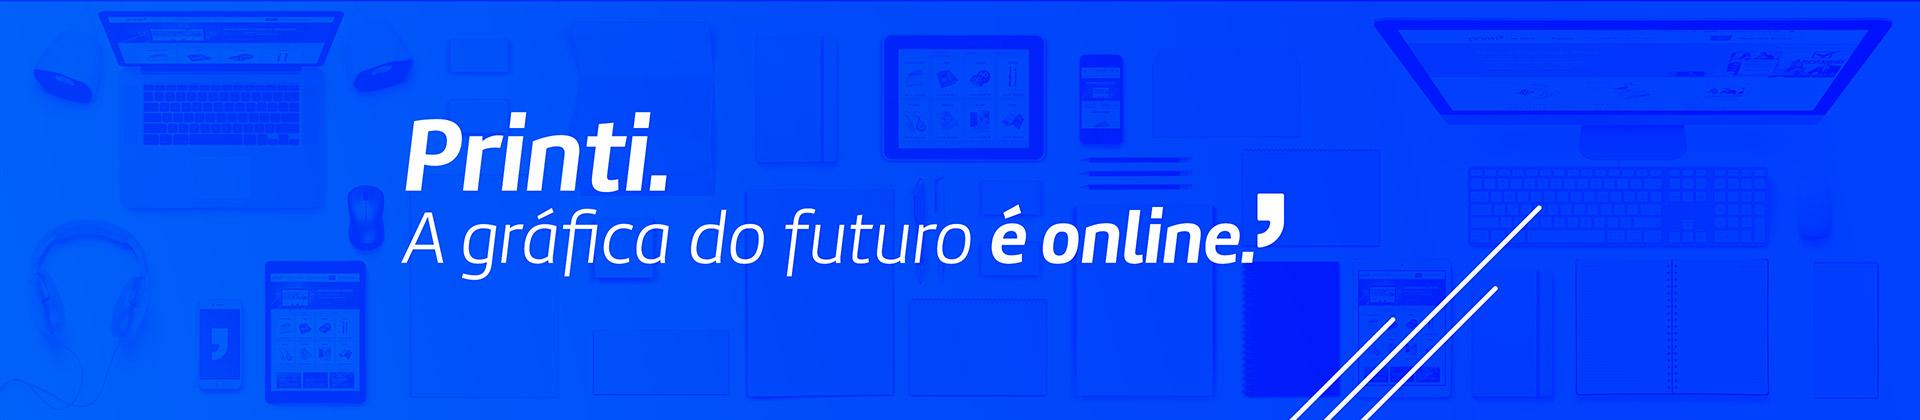 Printi. A Gráfica do futuro é online